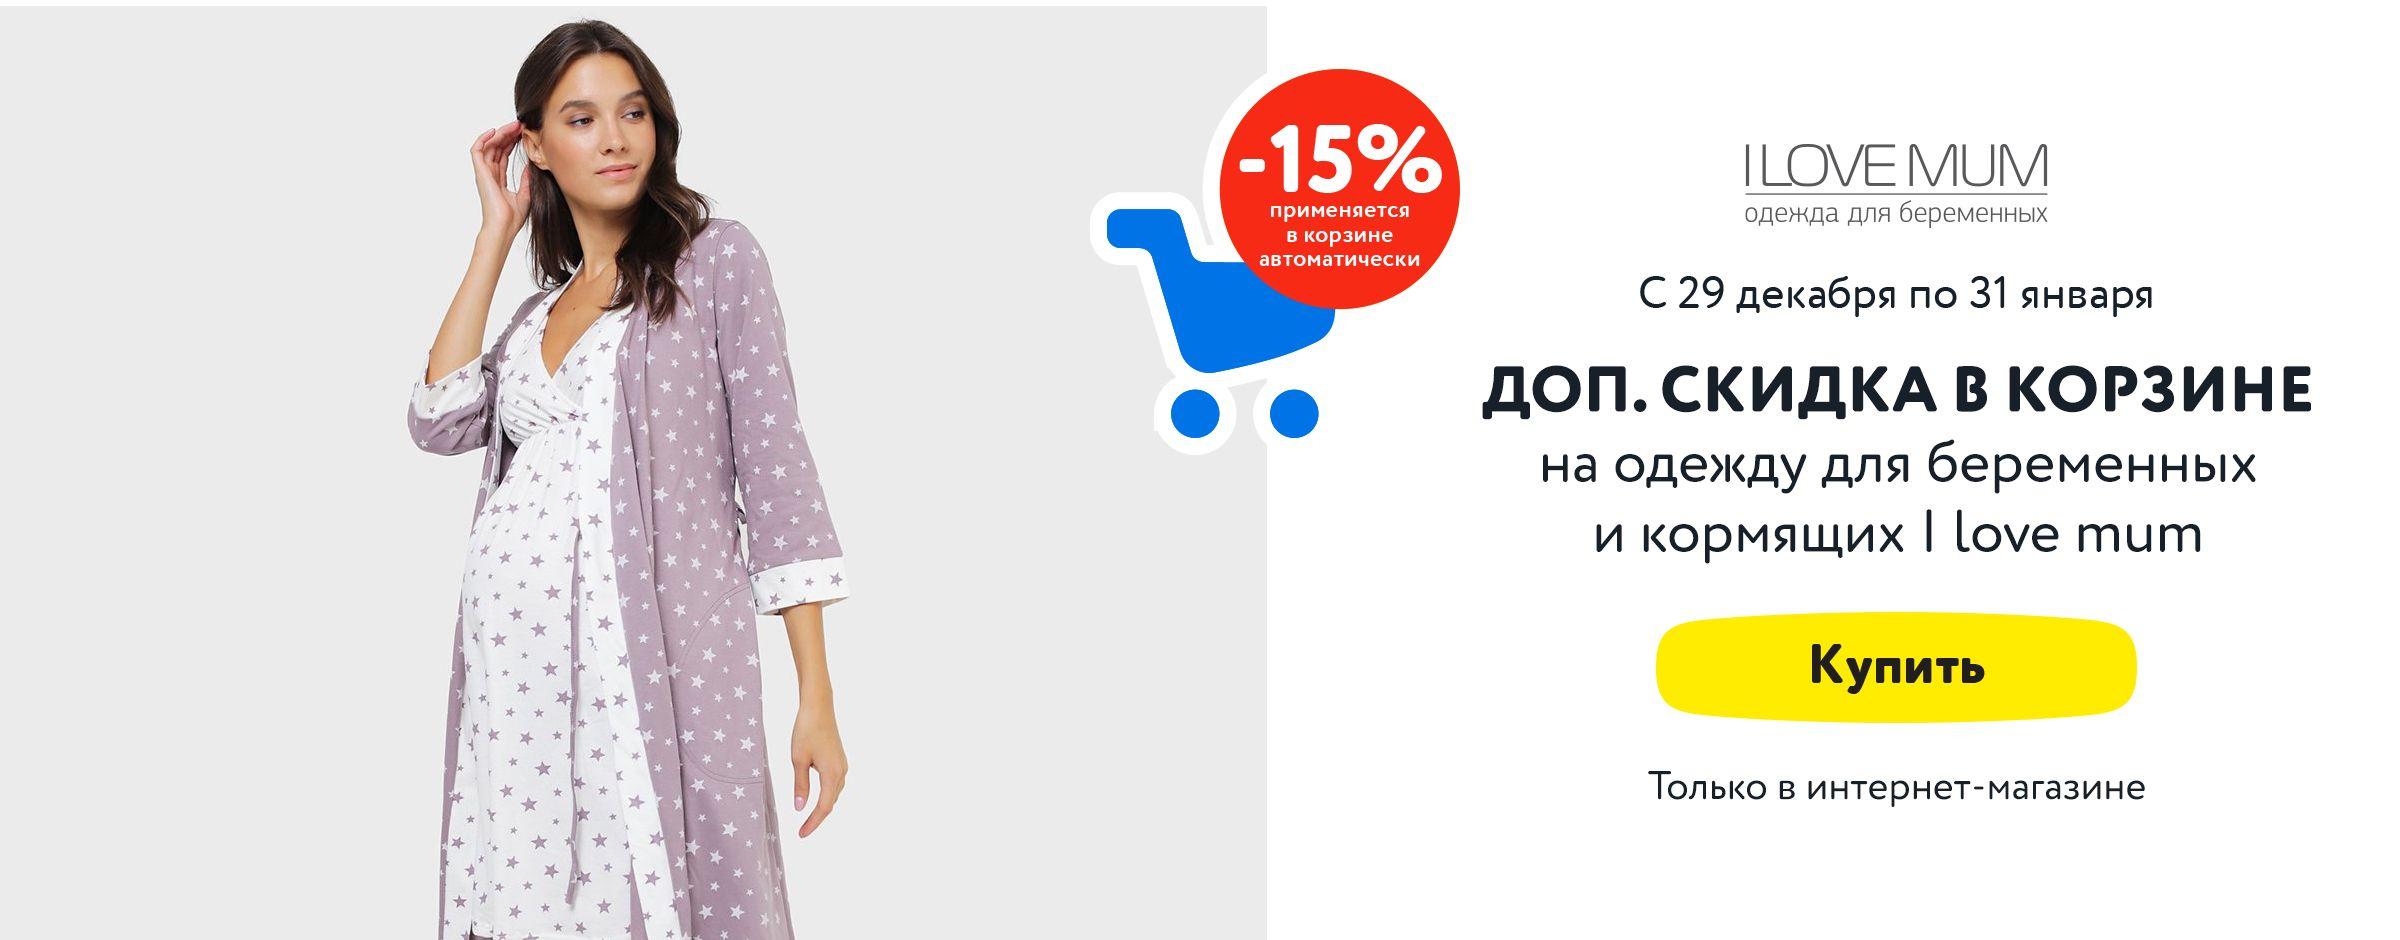 Доп. скидка 15% на одежду I love mum в корзине С